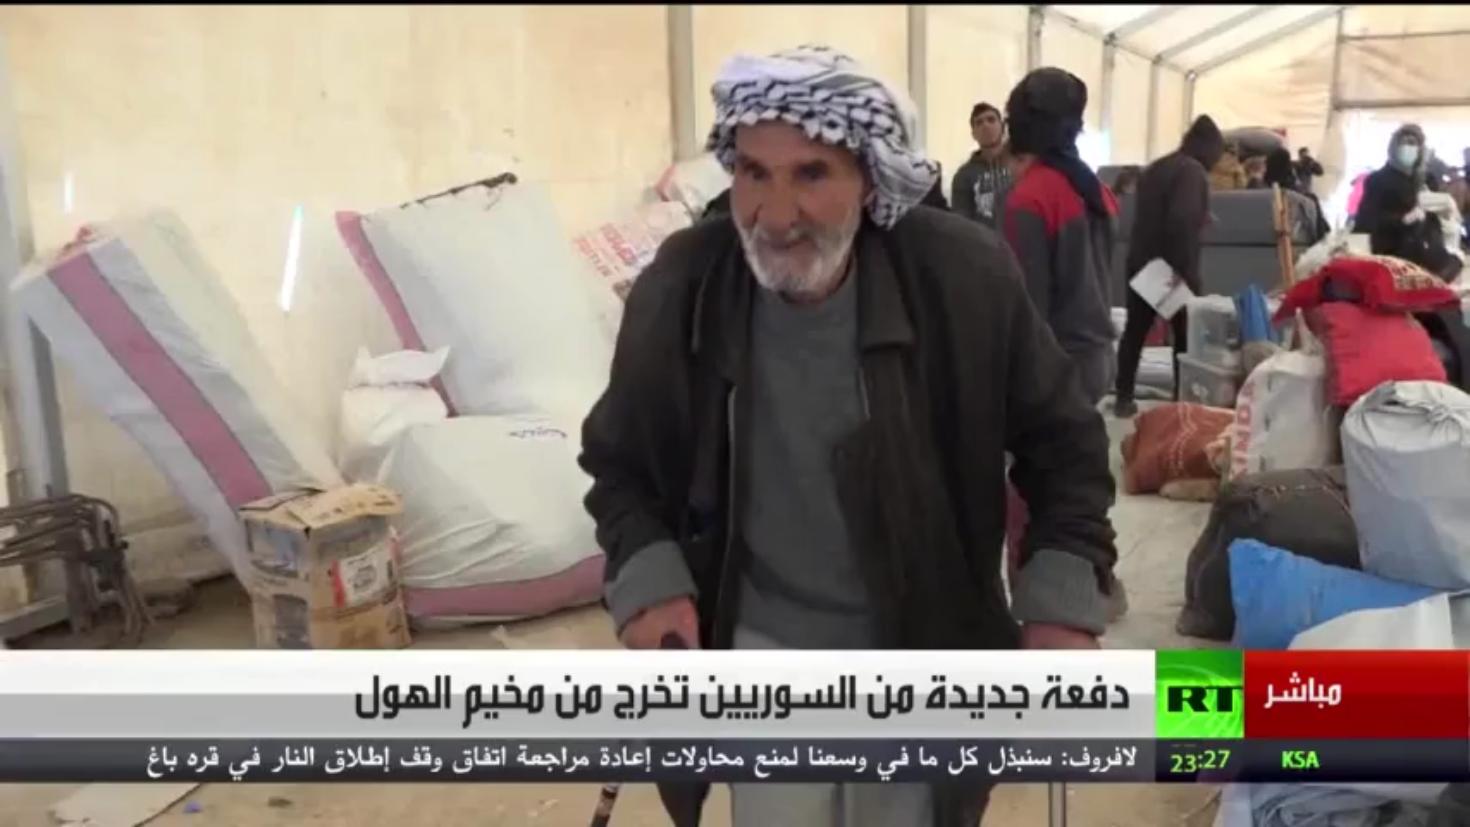 دفعة جديدة من السوريين تخرج من مخيم الهول